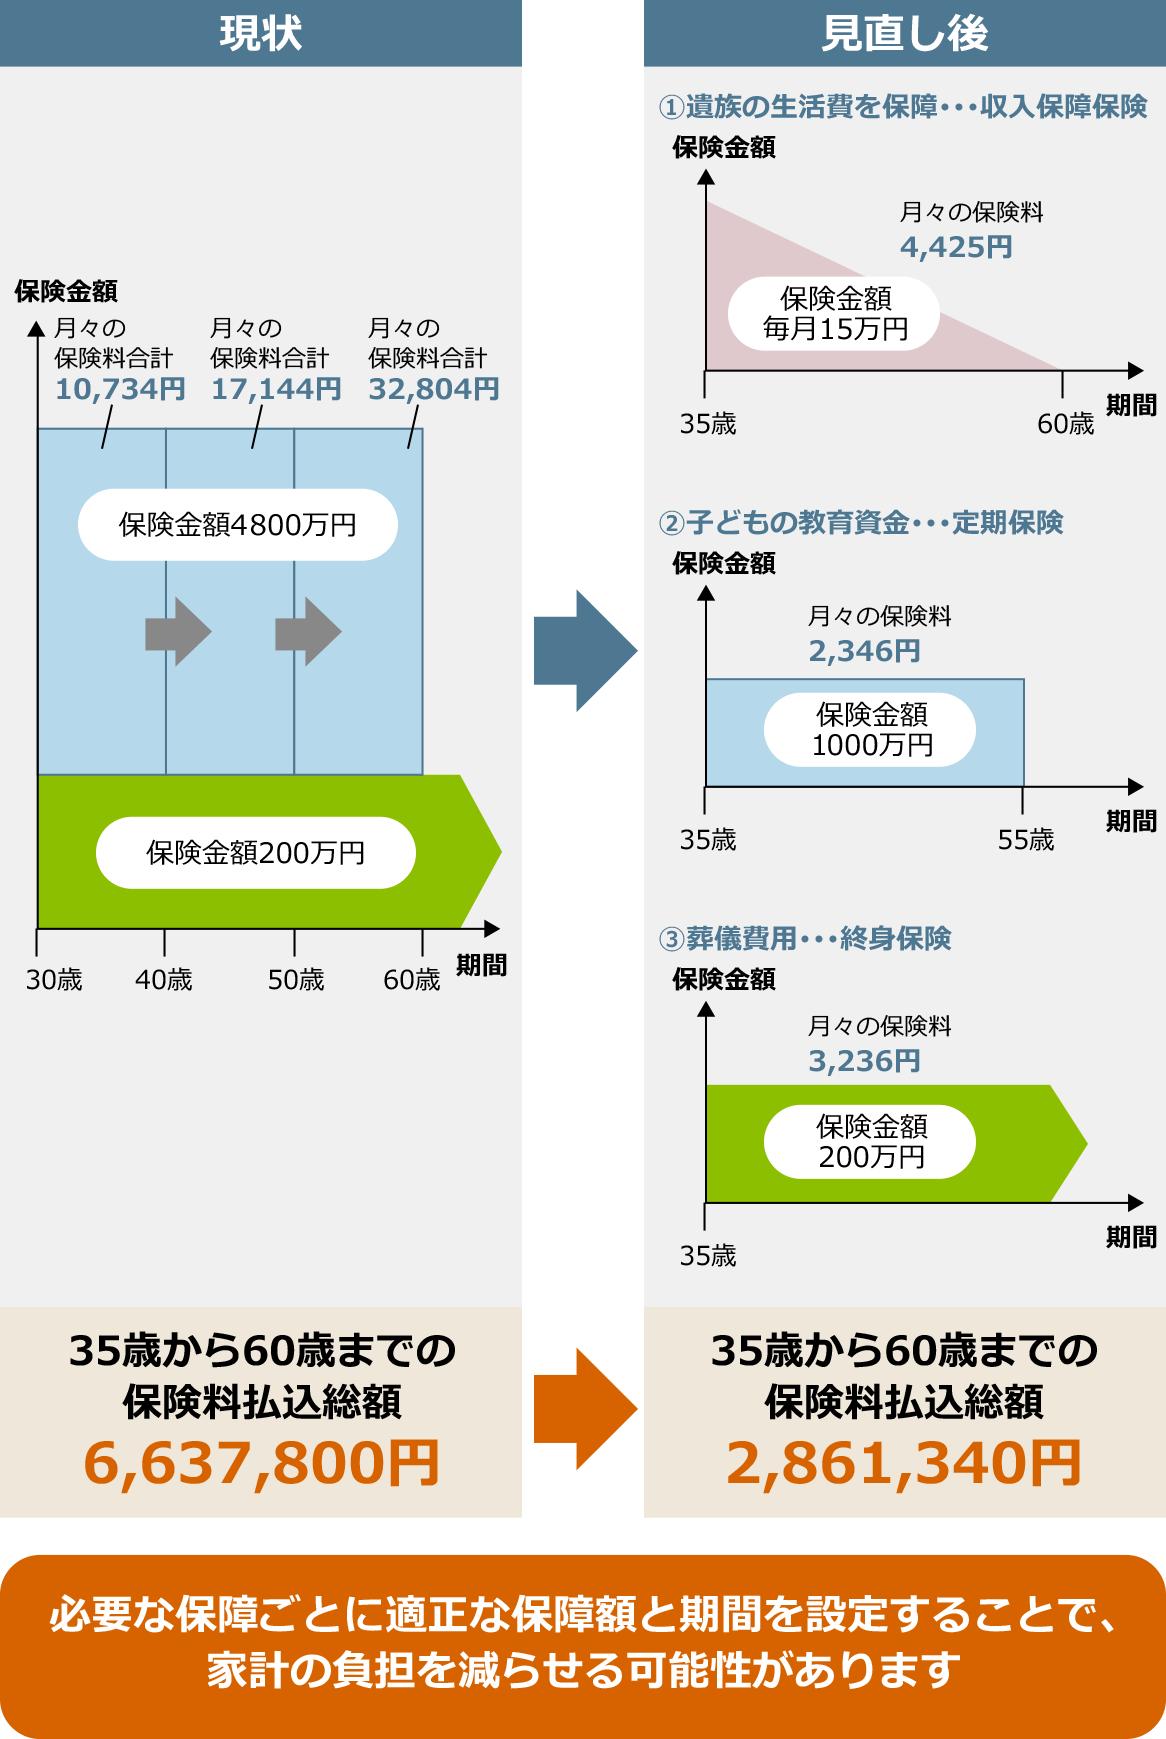 図:生命保険の見直しイメージ